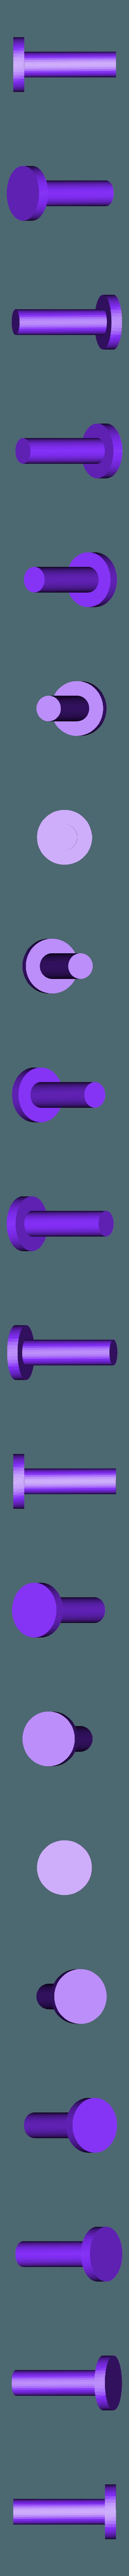 pino_inferior.STL Download free STL file Microscope cell support - Suporte de celular para microscópio • 3D printer template, fabiomingori